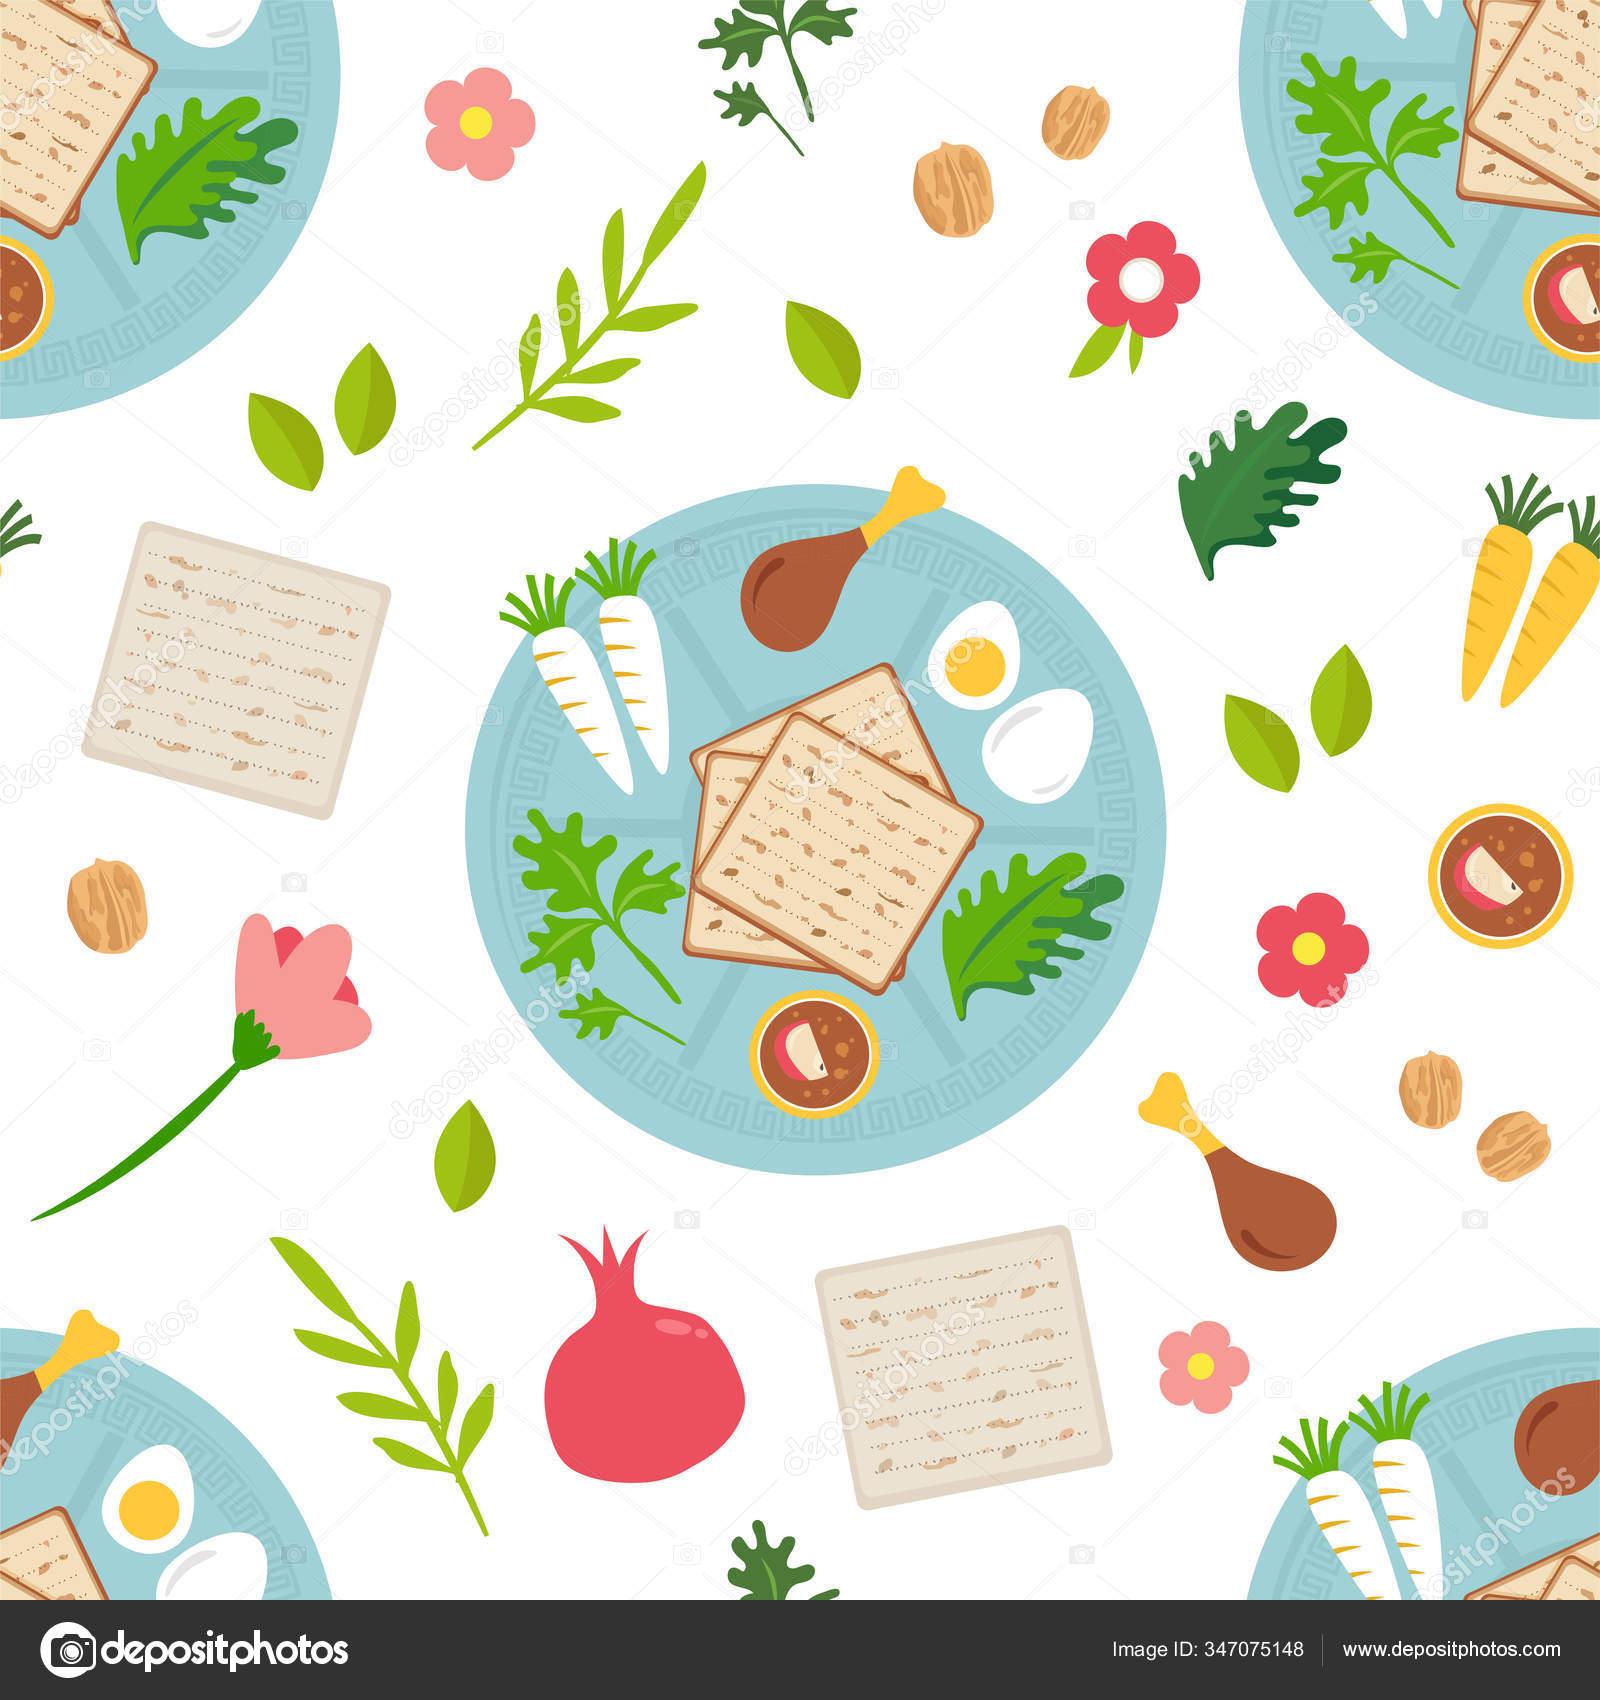 Conceito De Celebracao Pesah Padrao Sem Costura Feriado Pascoa Judaica Icones E Simbolos Tradicionais Da Pascoa